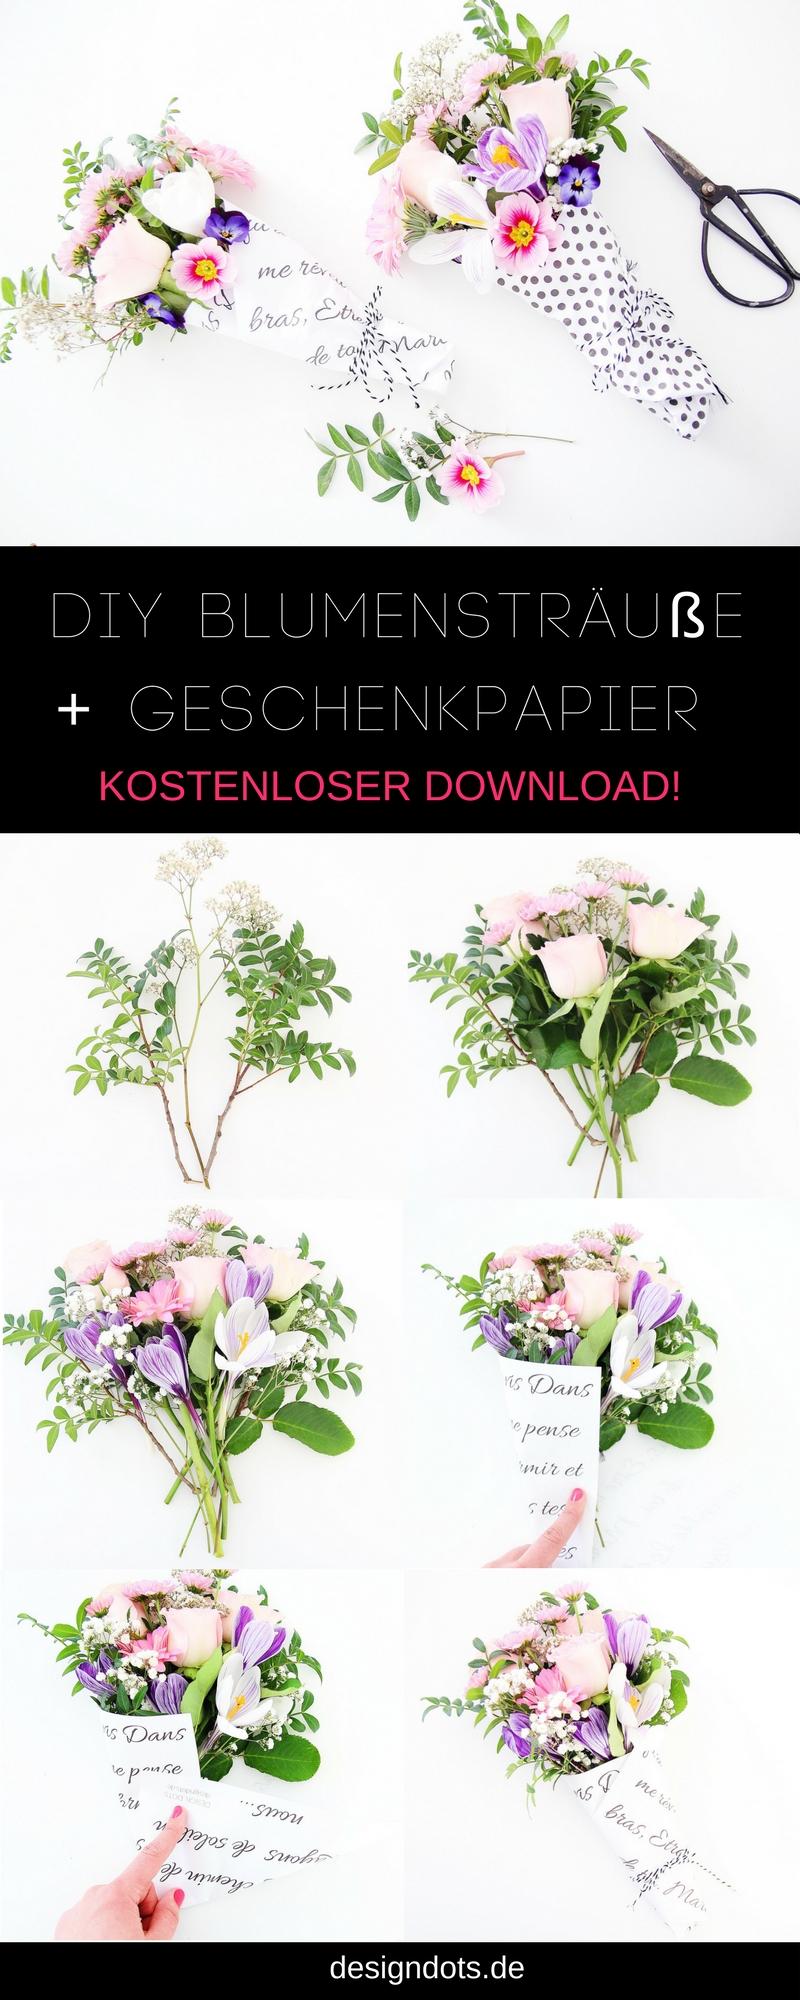 diy-blumenstrauss-geschenkpapier-gratis-download